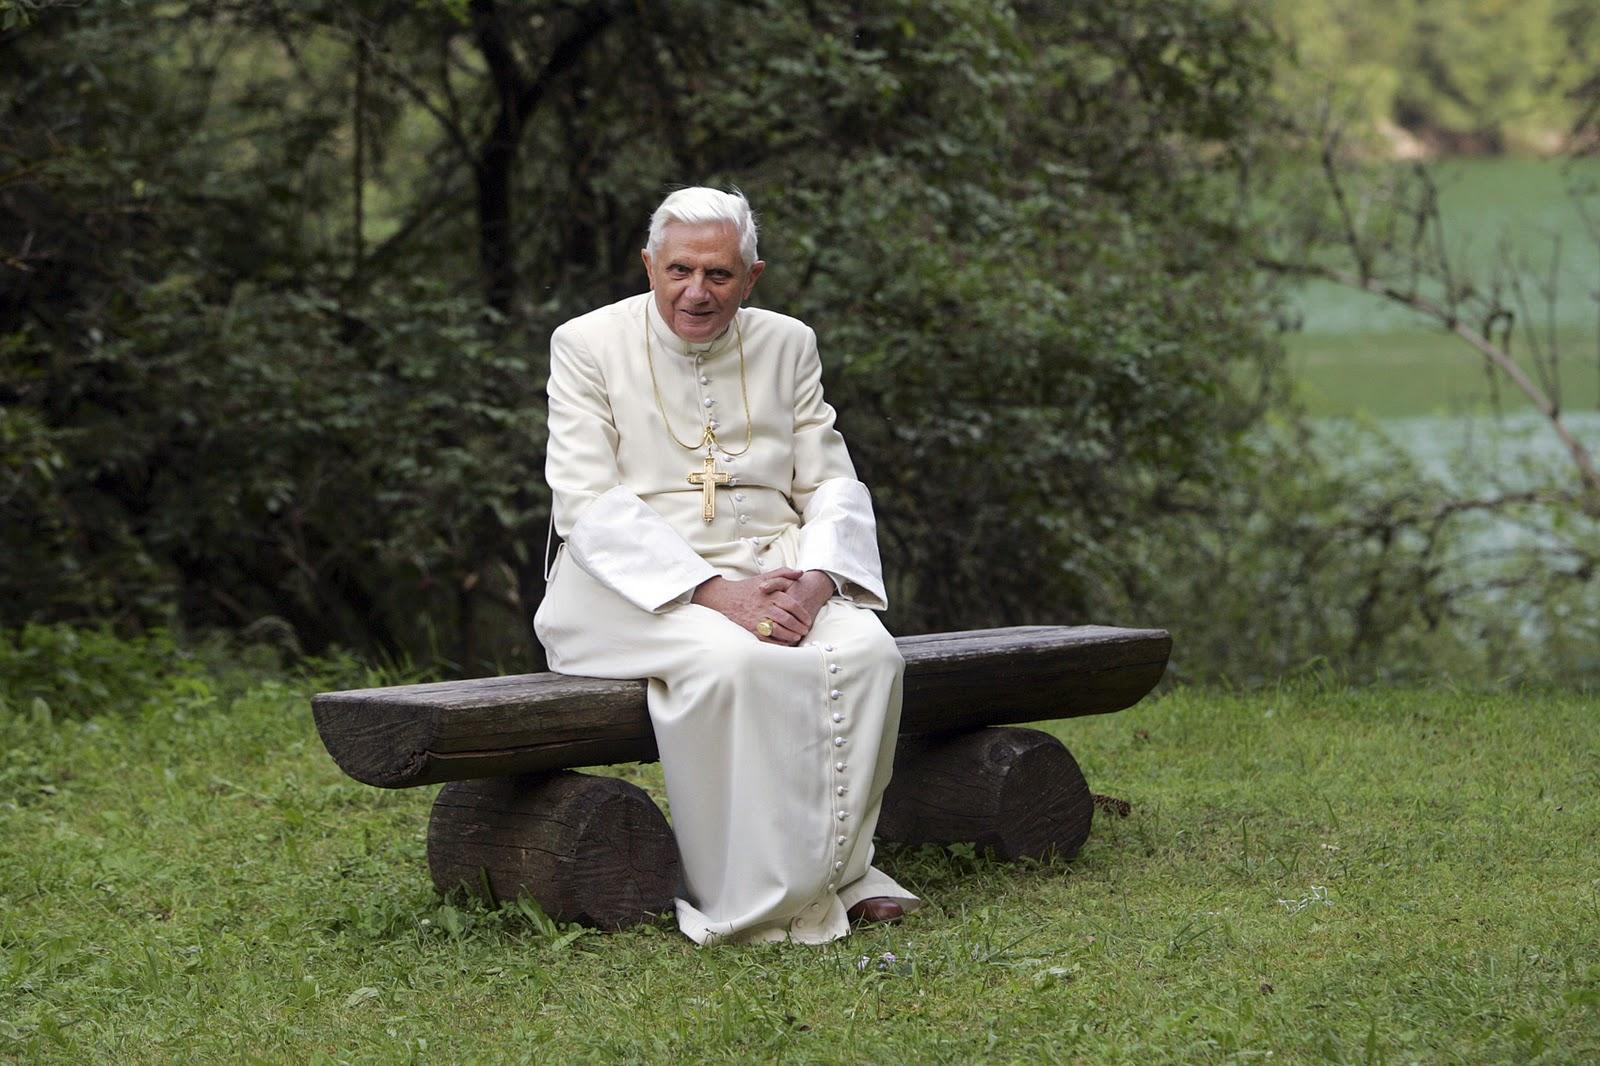 benedicto XVI castel gandolfo enciclicas oraciones exhortaciones apostolicas krouillong sacrilegio comunion en la mano 40